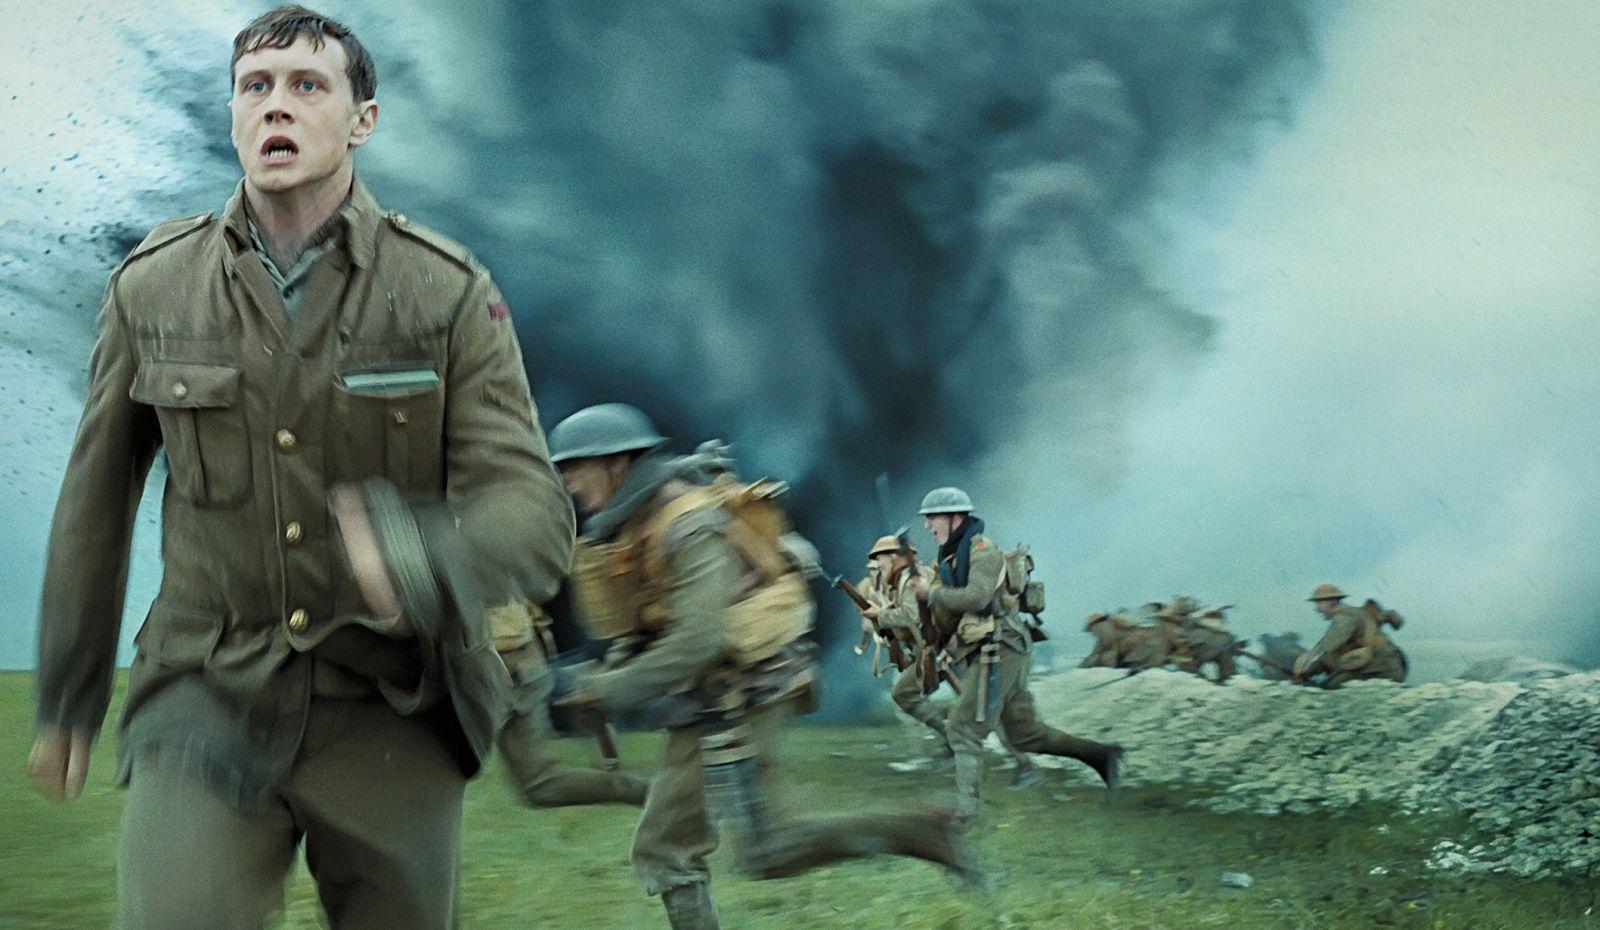 Долгая дорога в траншеях. Фильму «1917» пророчат Оскар – чем он хорош?